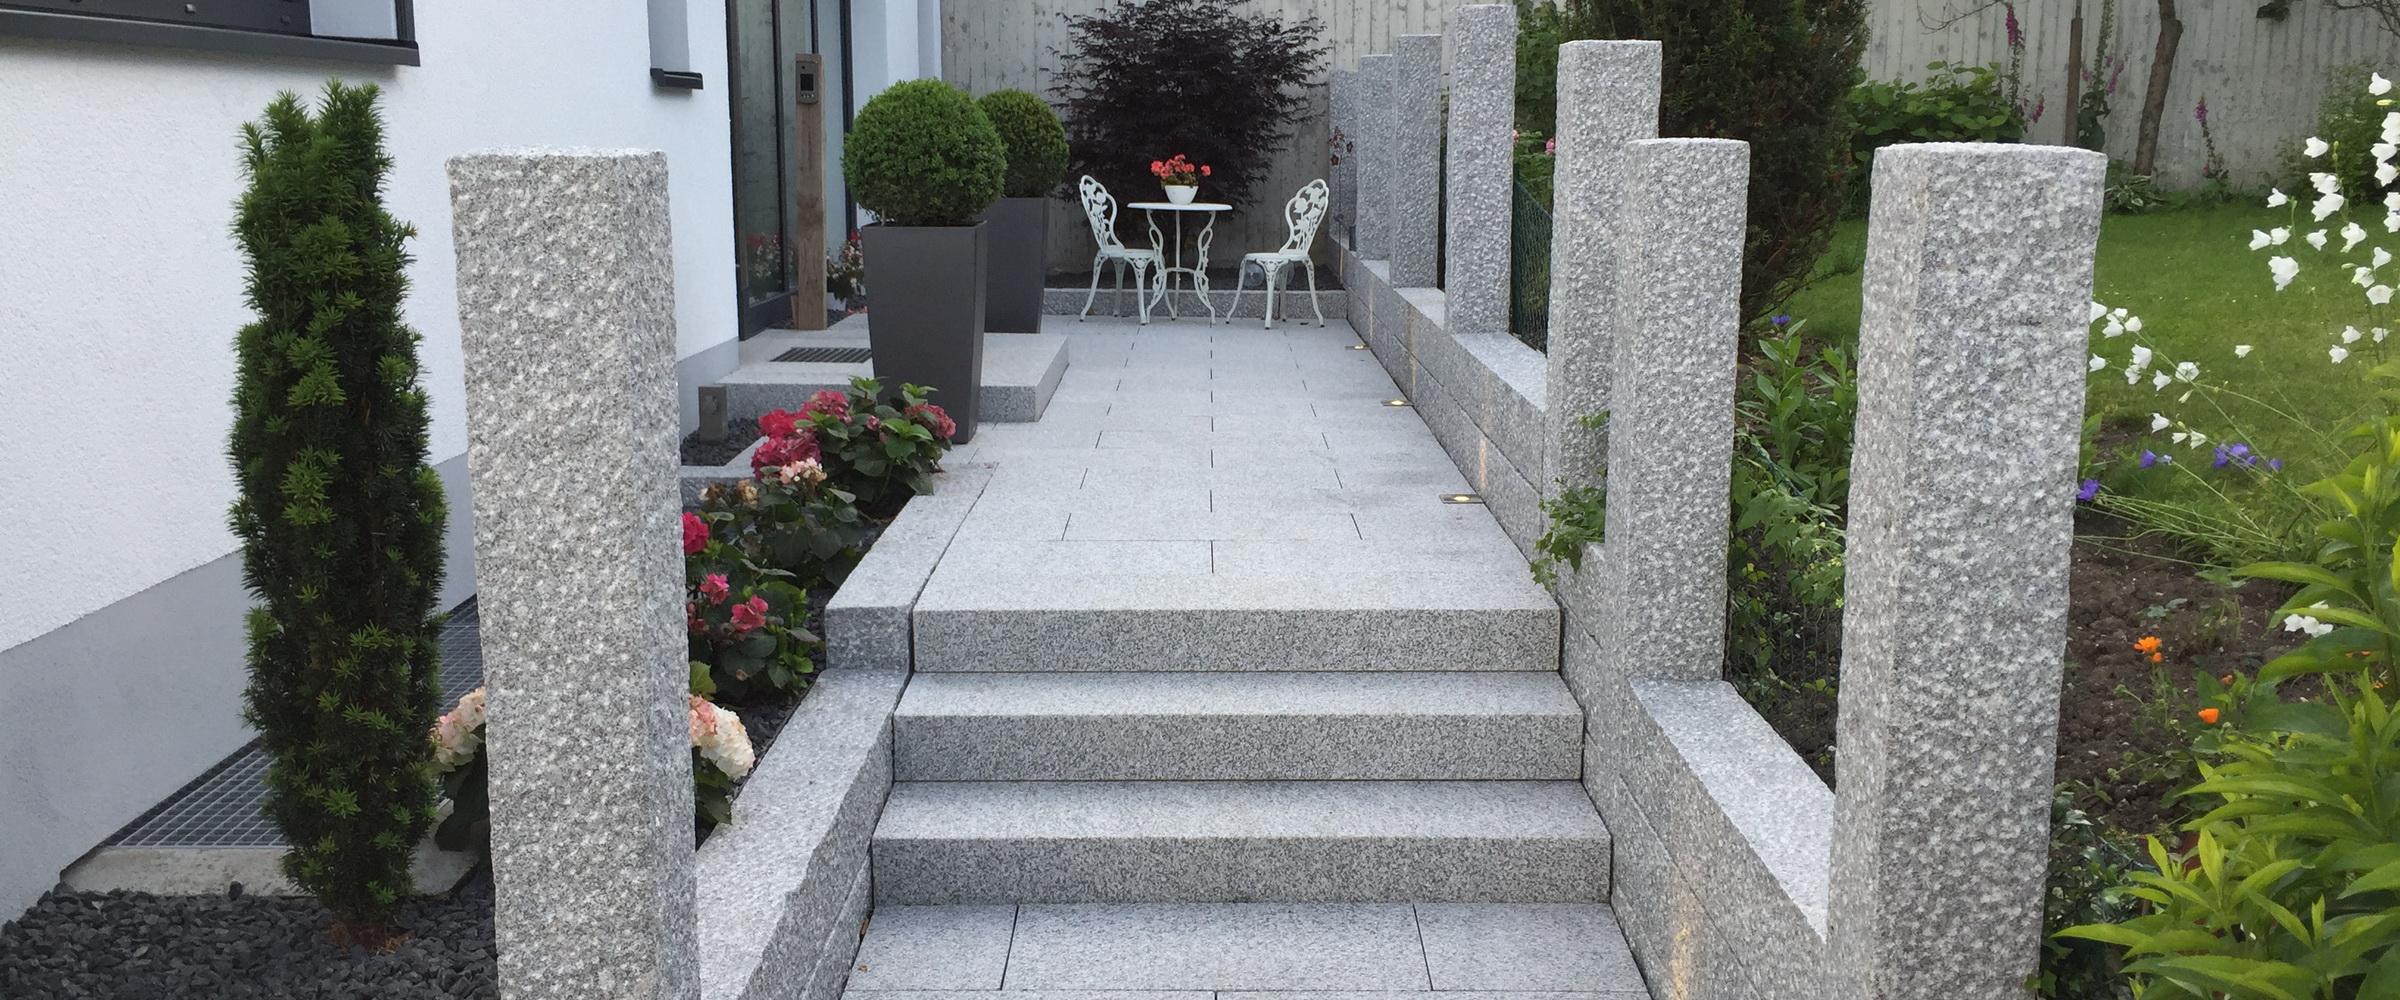 Machen Sie Ihren Hauszugang mit Natursteinen aus Granit zu etwas Besonderem